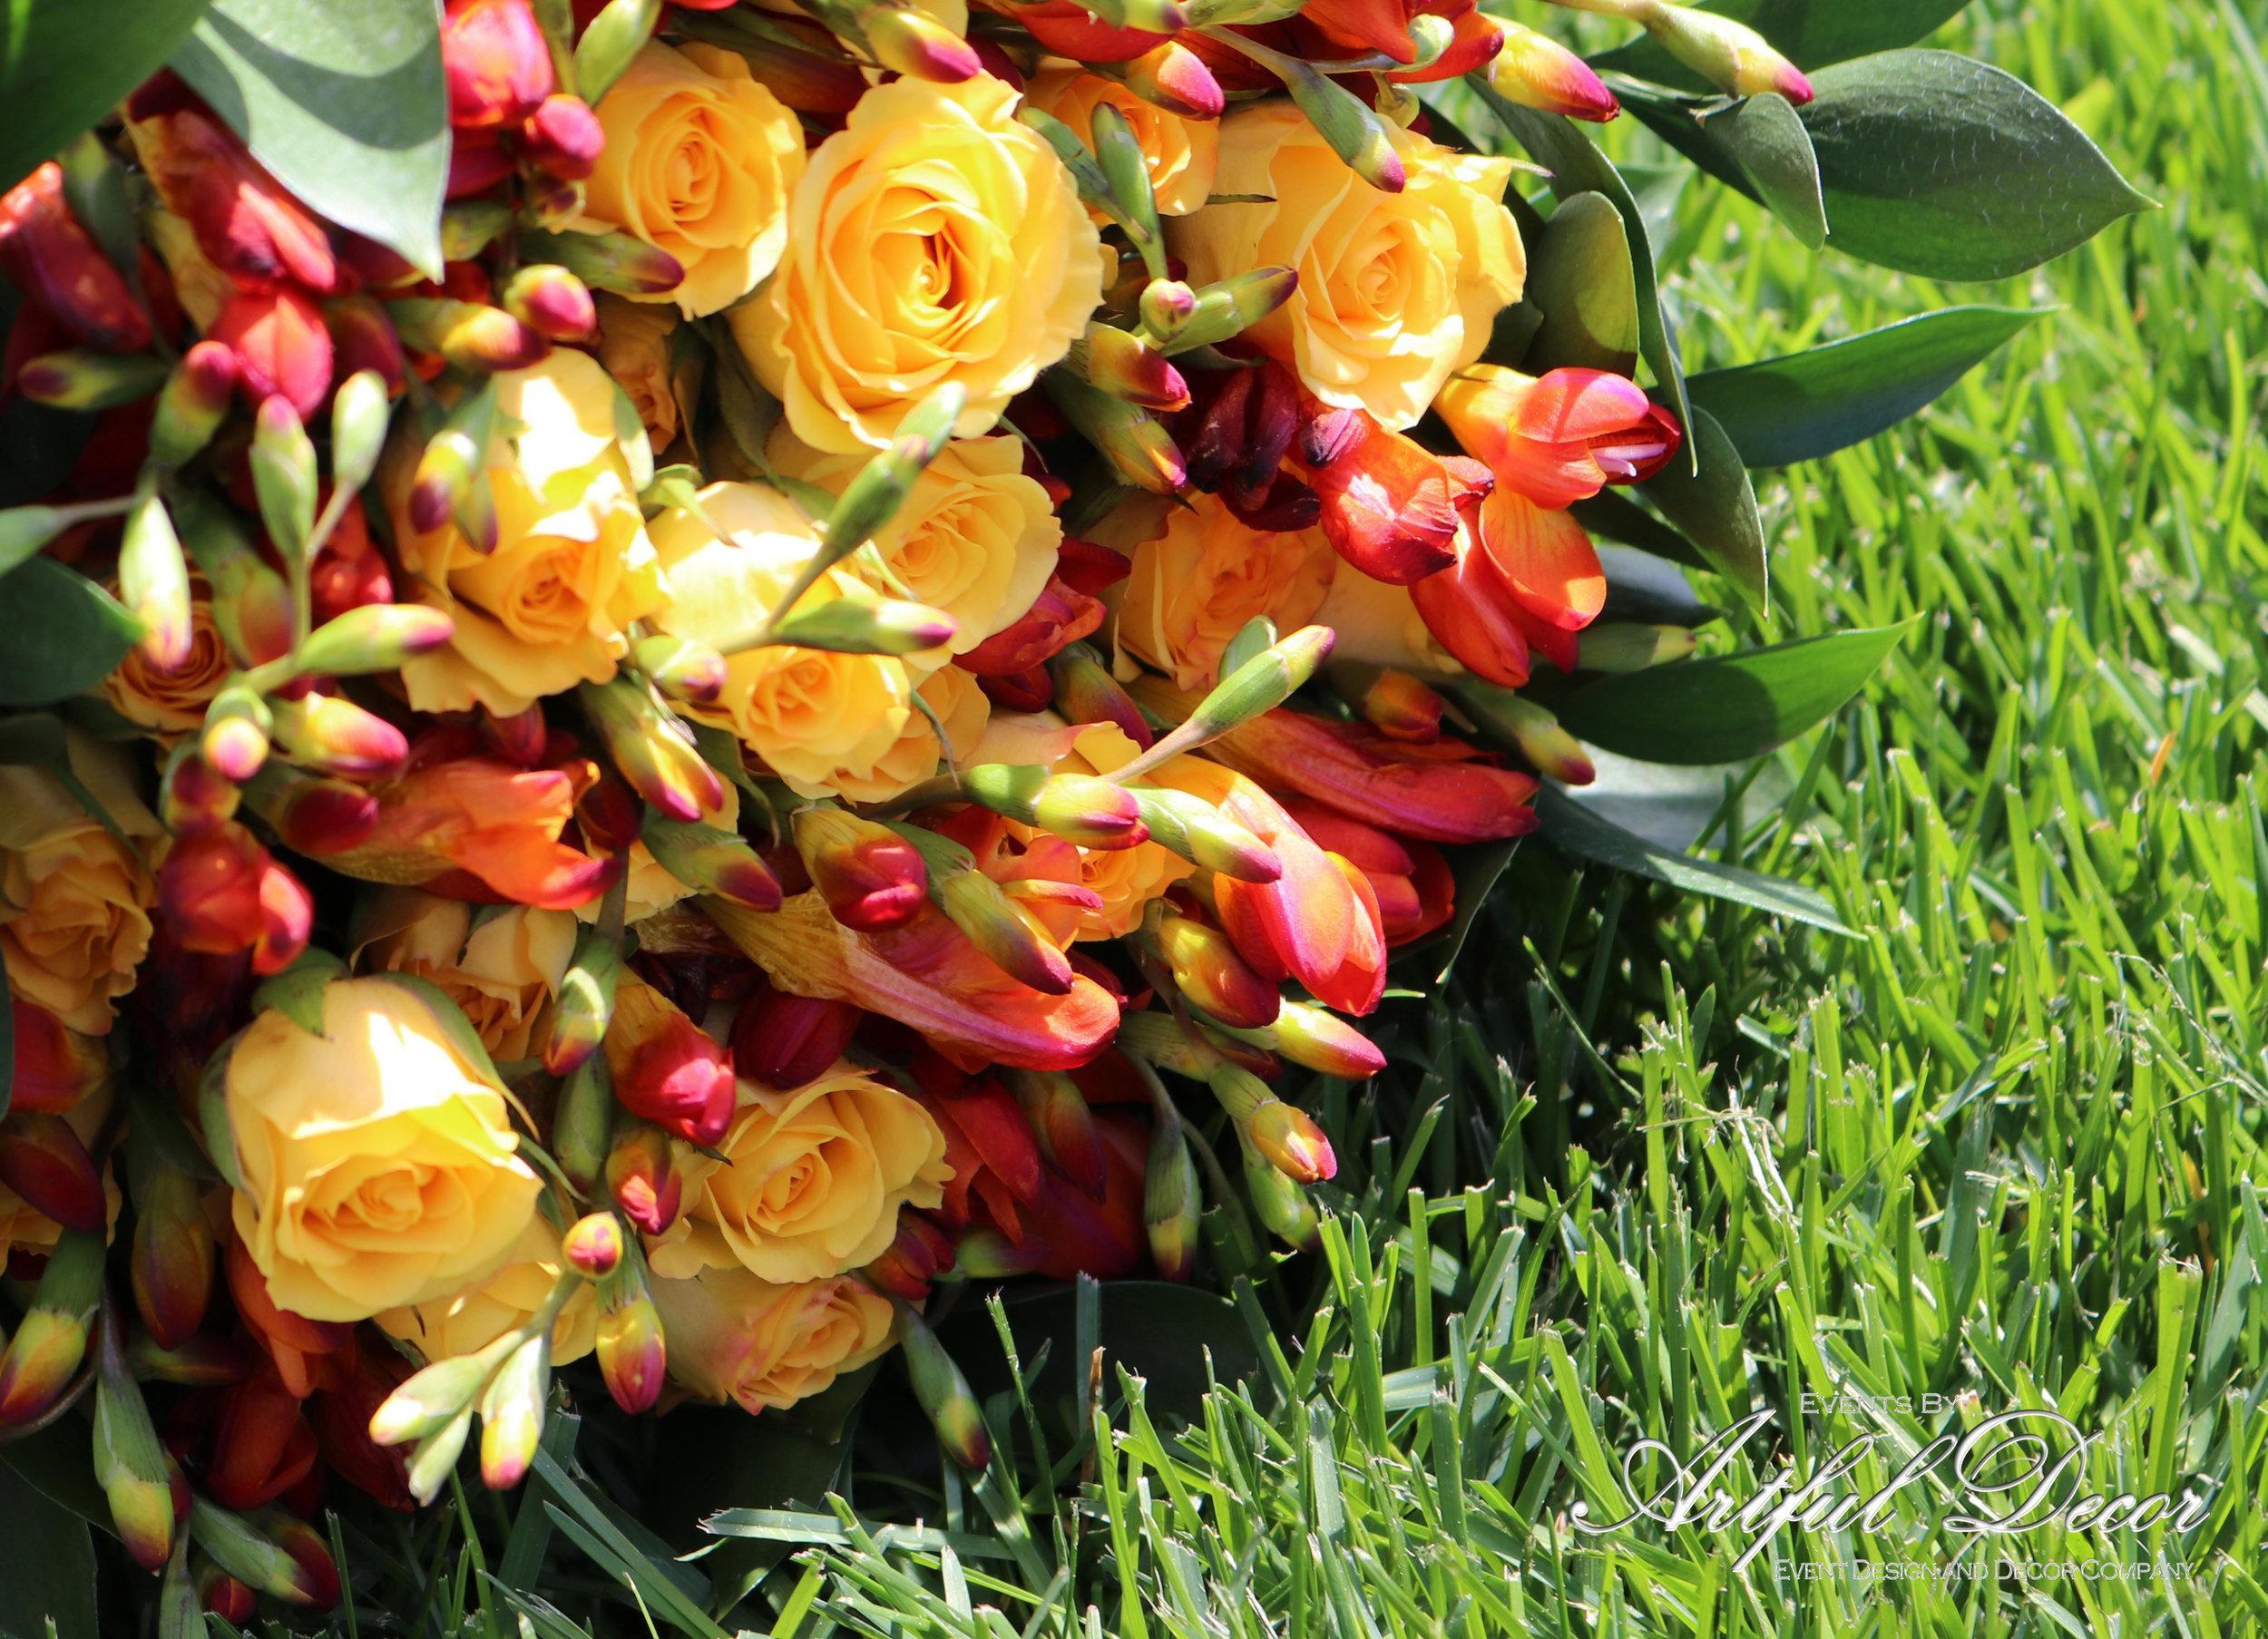 Bouquet 5 3 Copyright.jpg